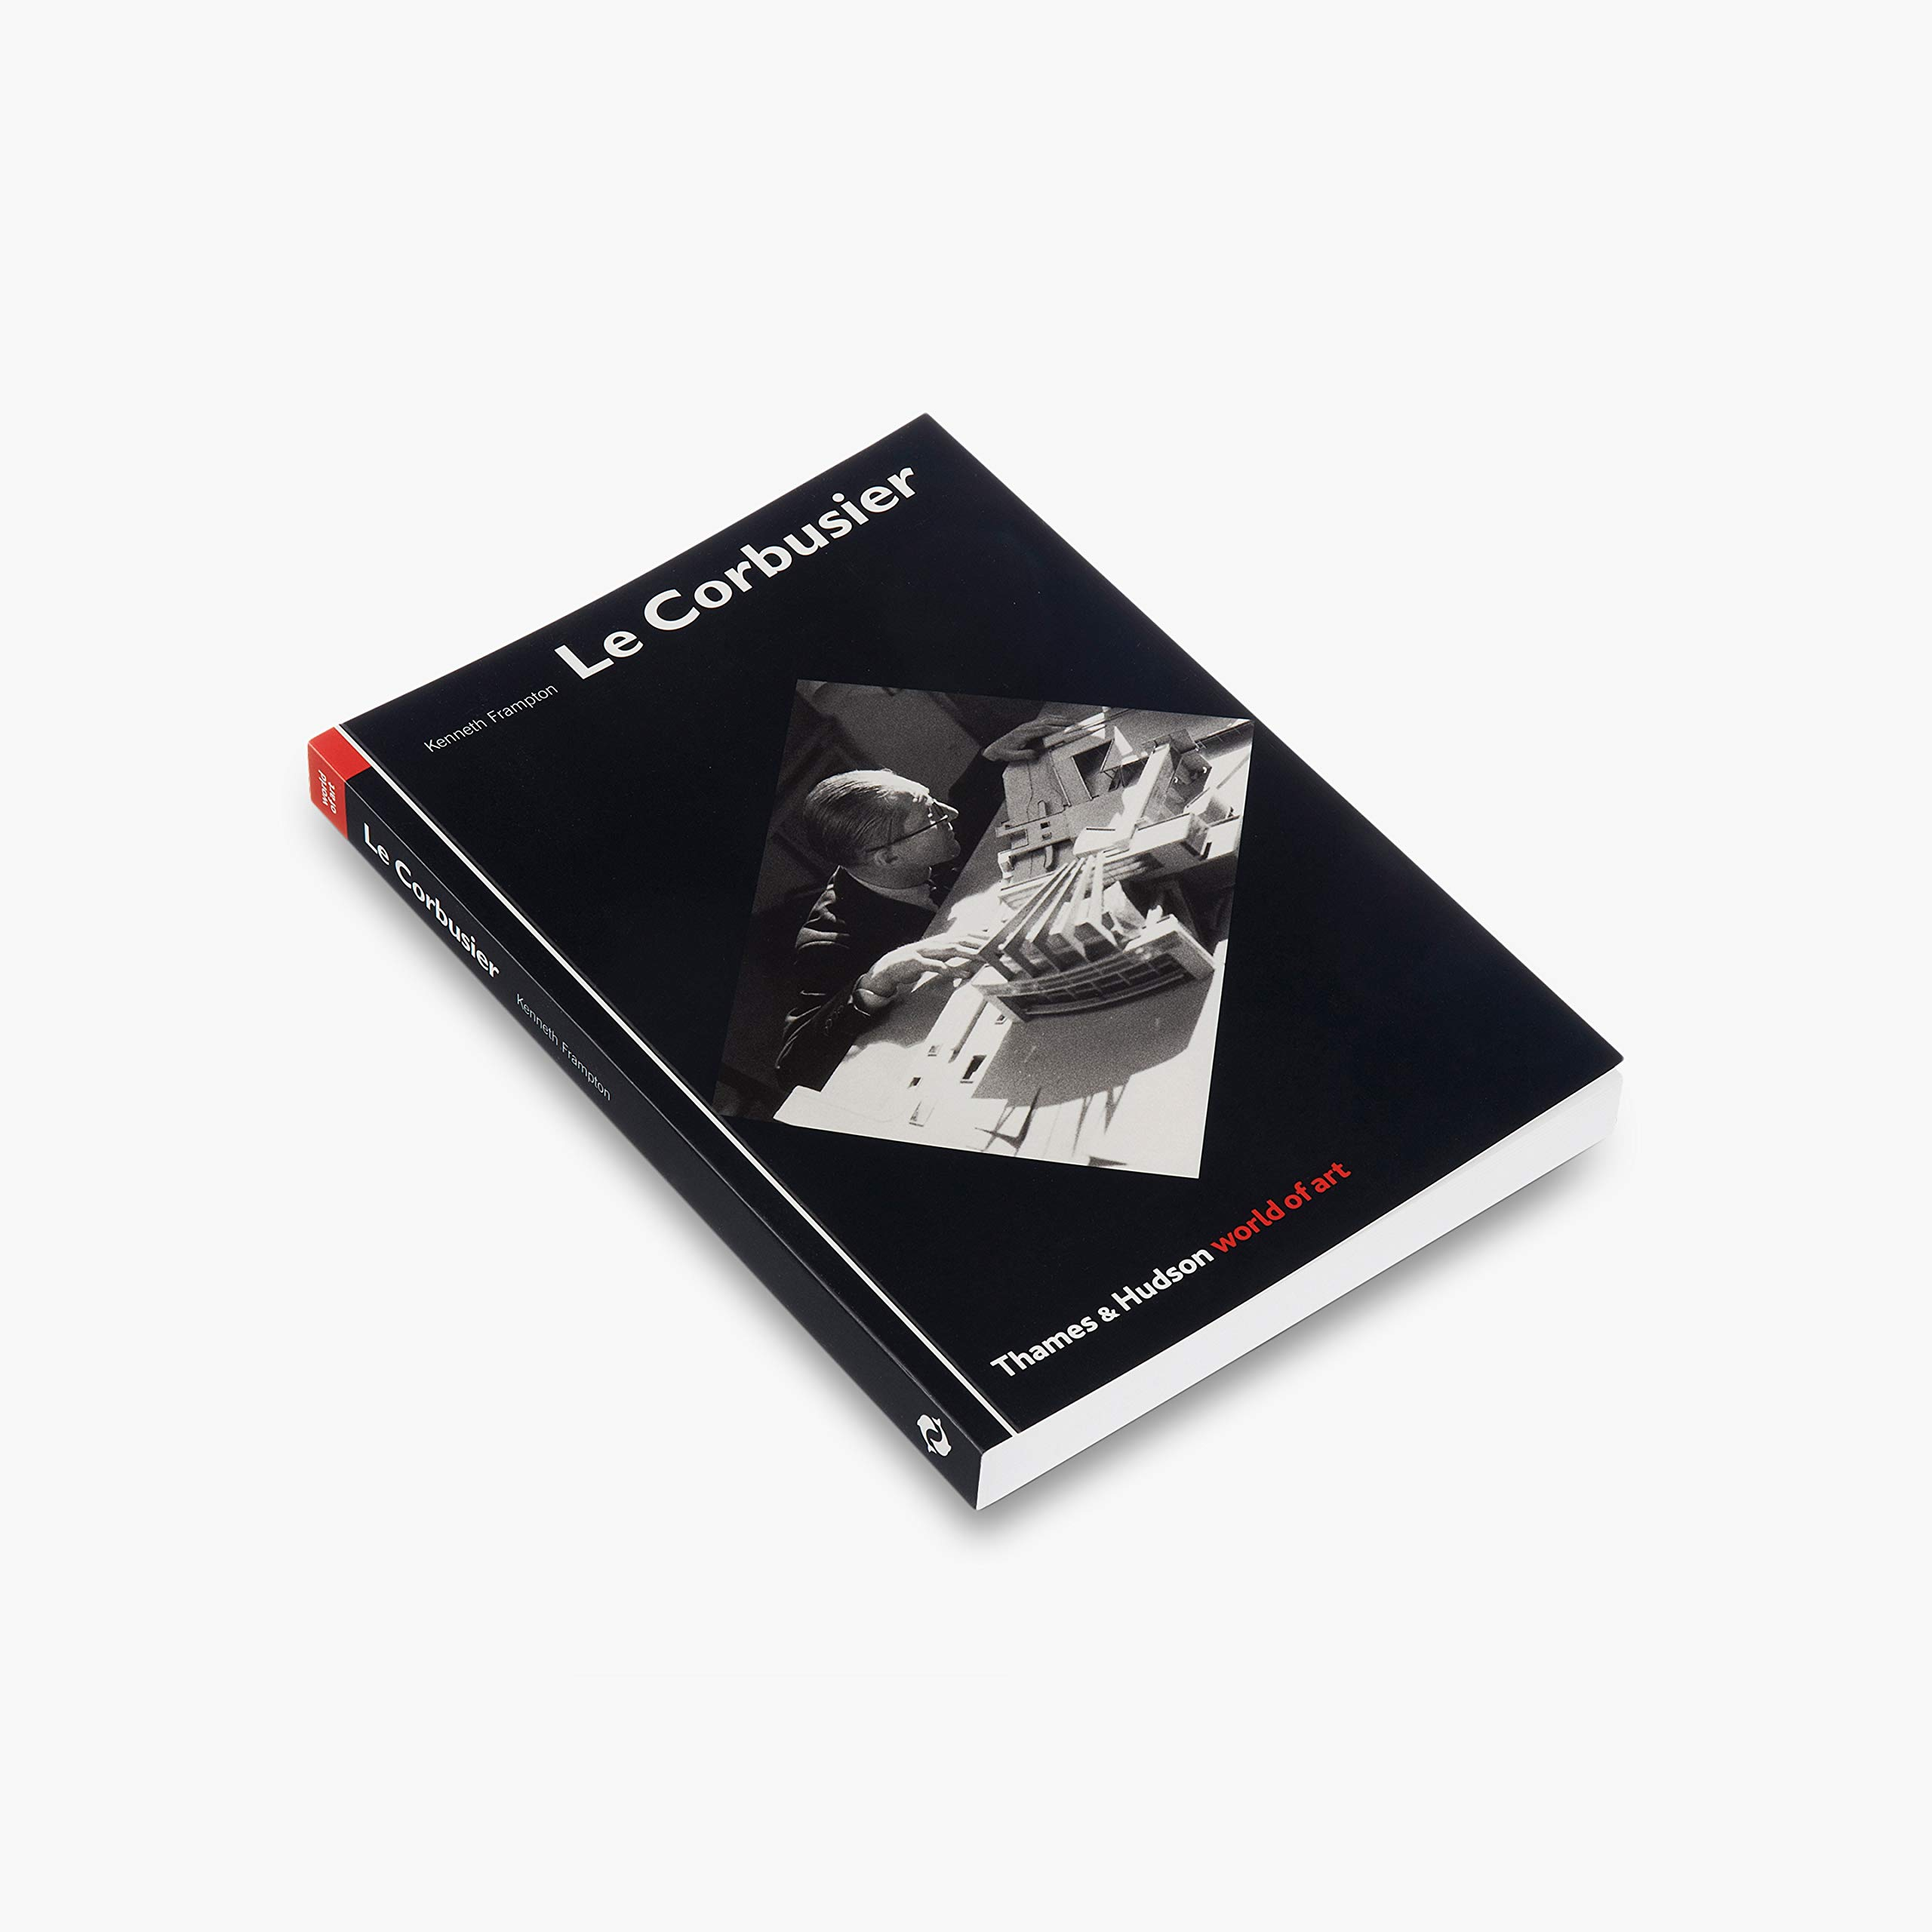 Ле корбюзье: правила жизни модерниста и новатора | my handbook